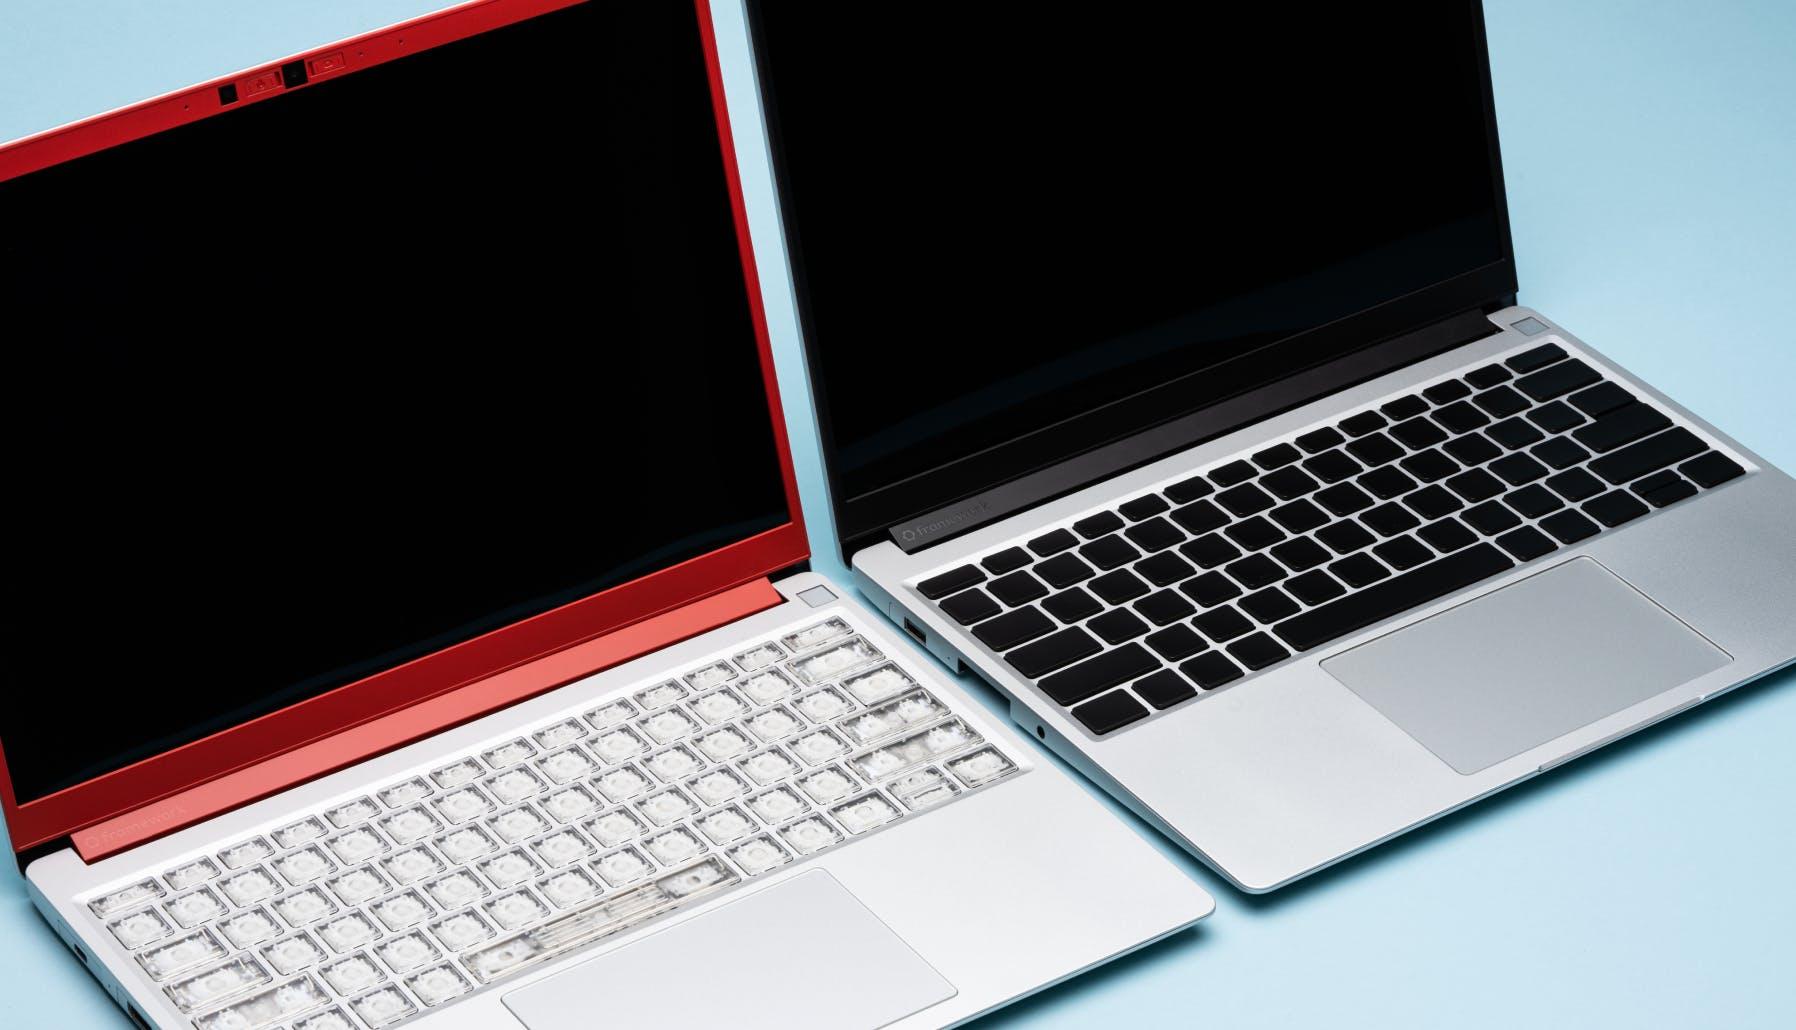 2 open laptops side by side